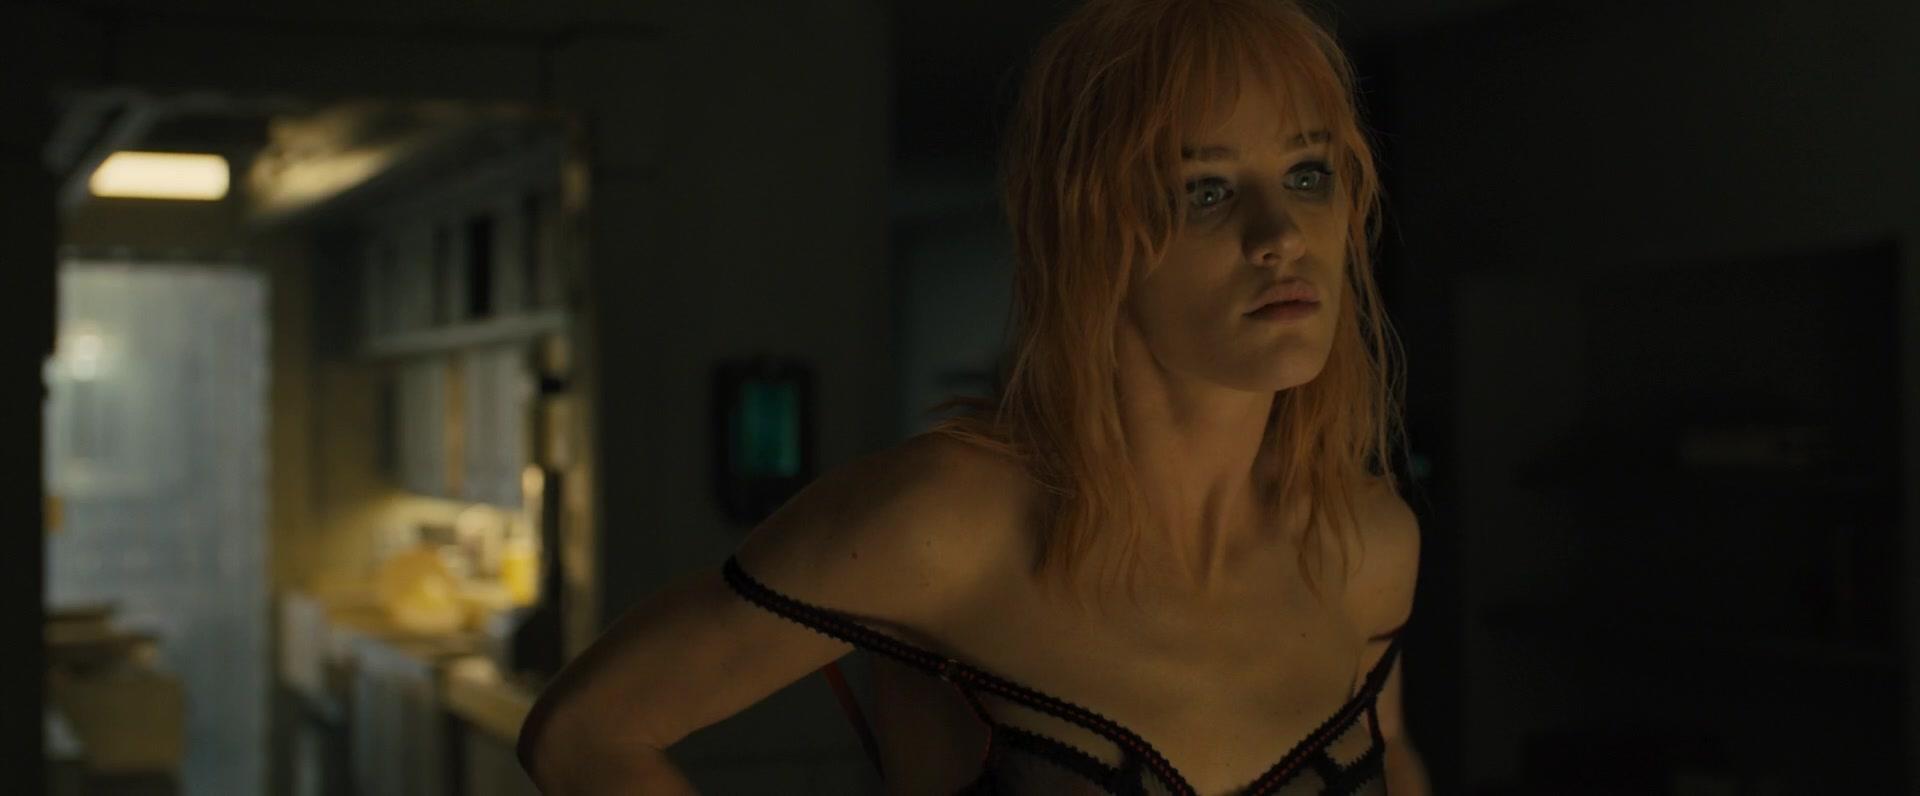 Ana-de-Armas-Sallie-Harmsen-Mackenzie-Davis-etc-Nude-51-thefappeningblog.com_.jpg